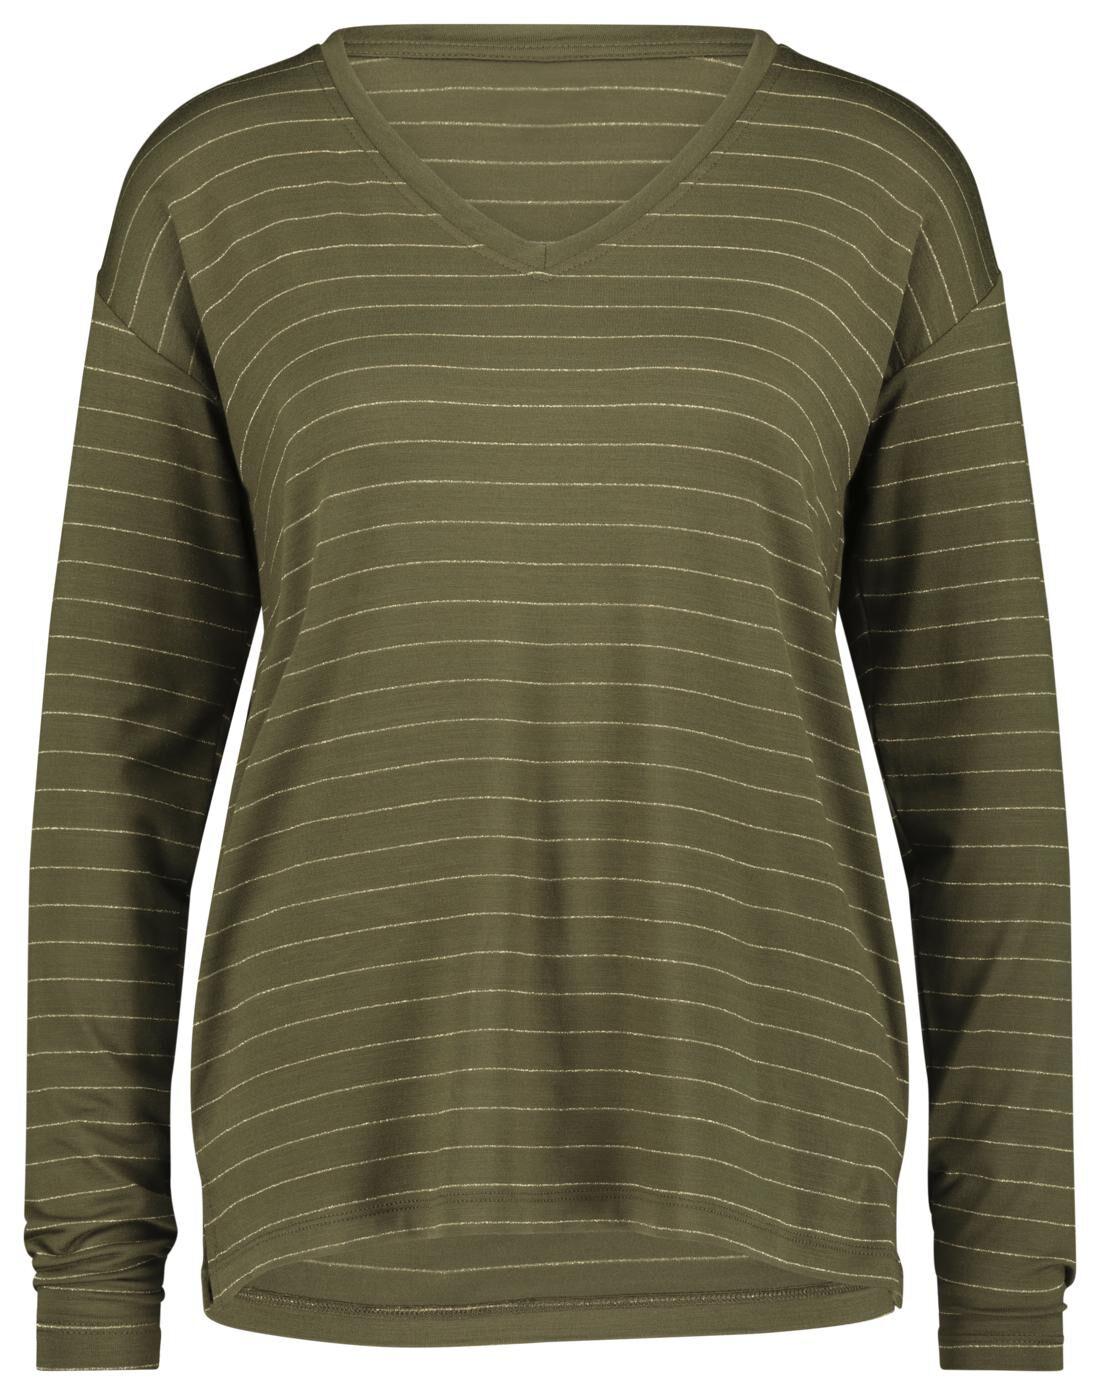 HEMA Dames T-shirt Glitter Olijf (olijf)